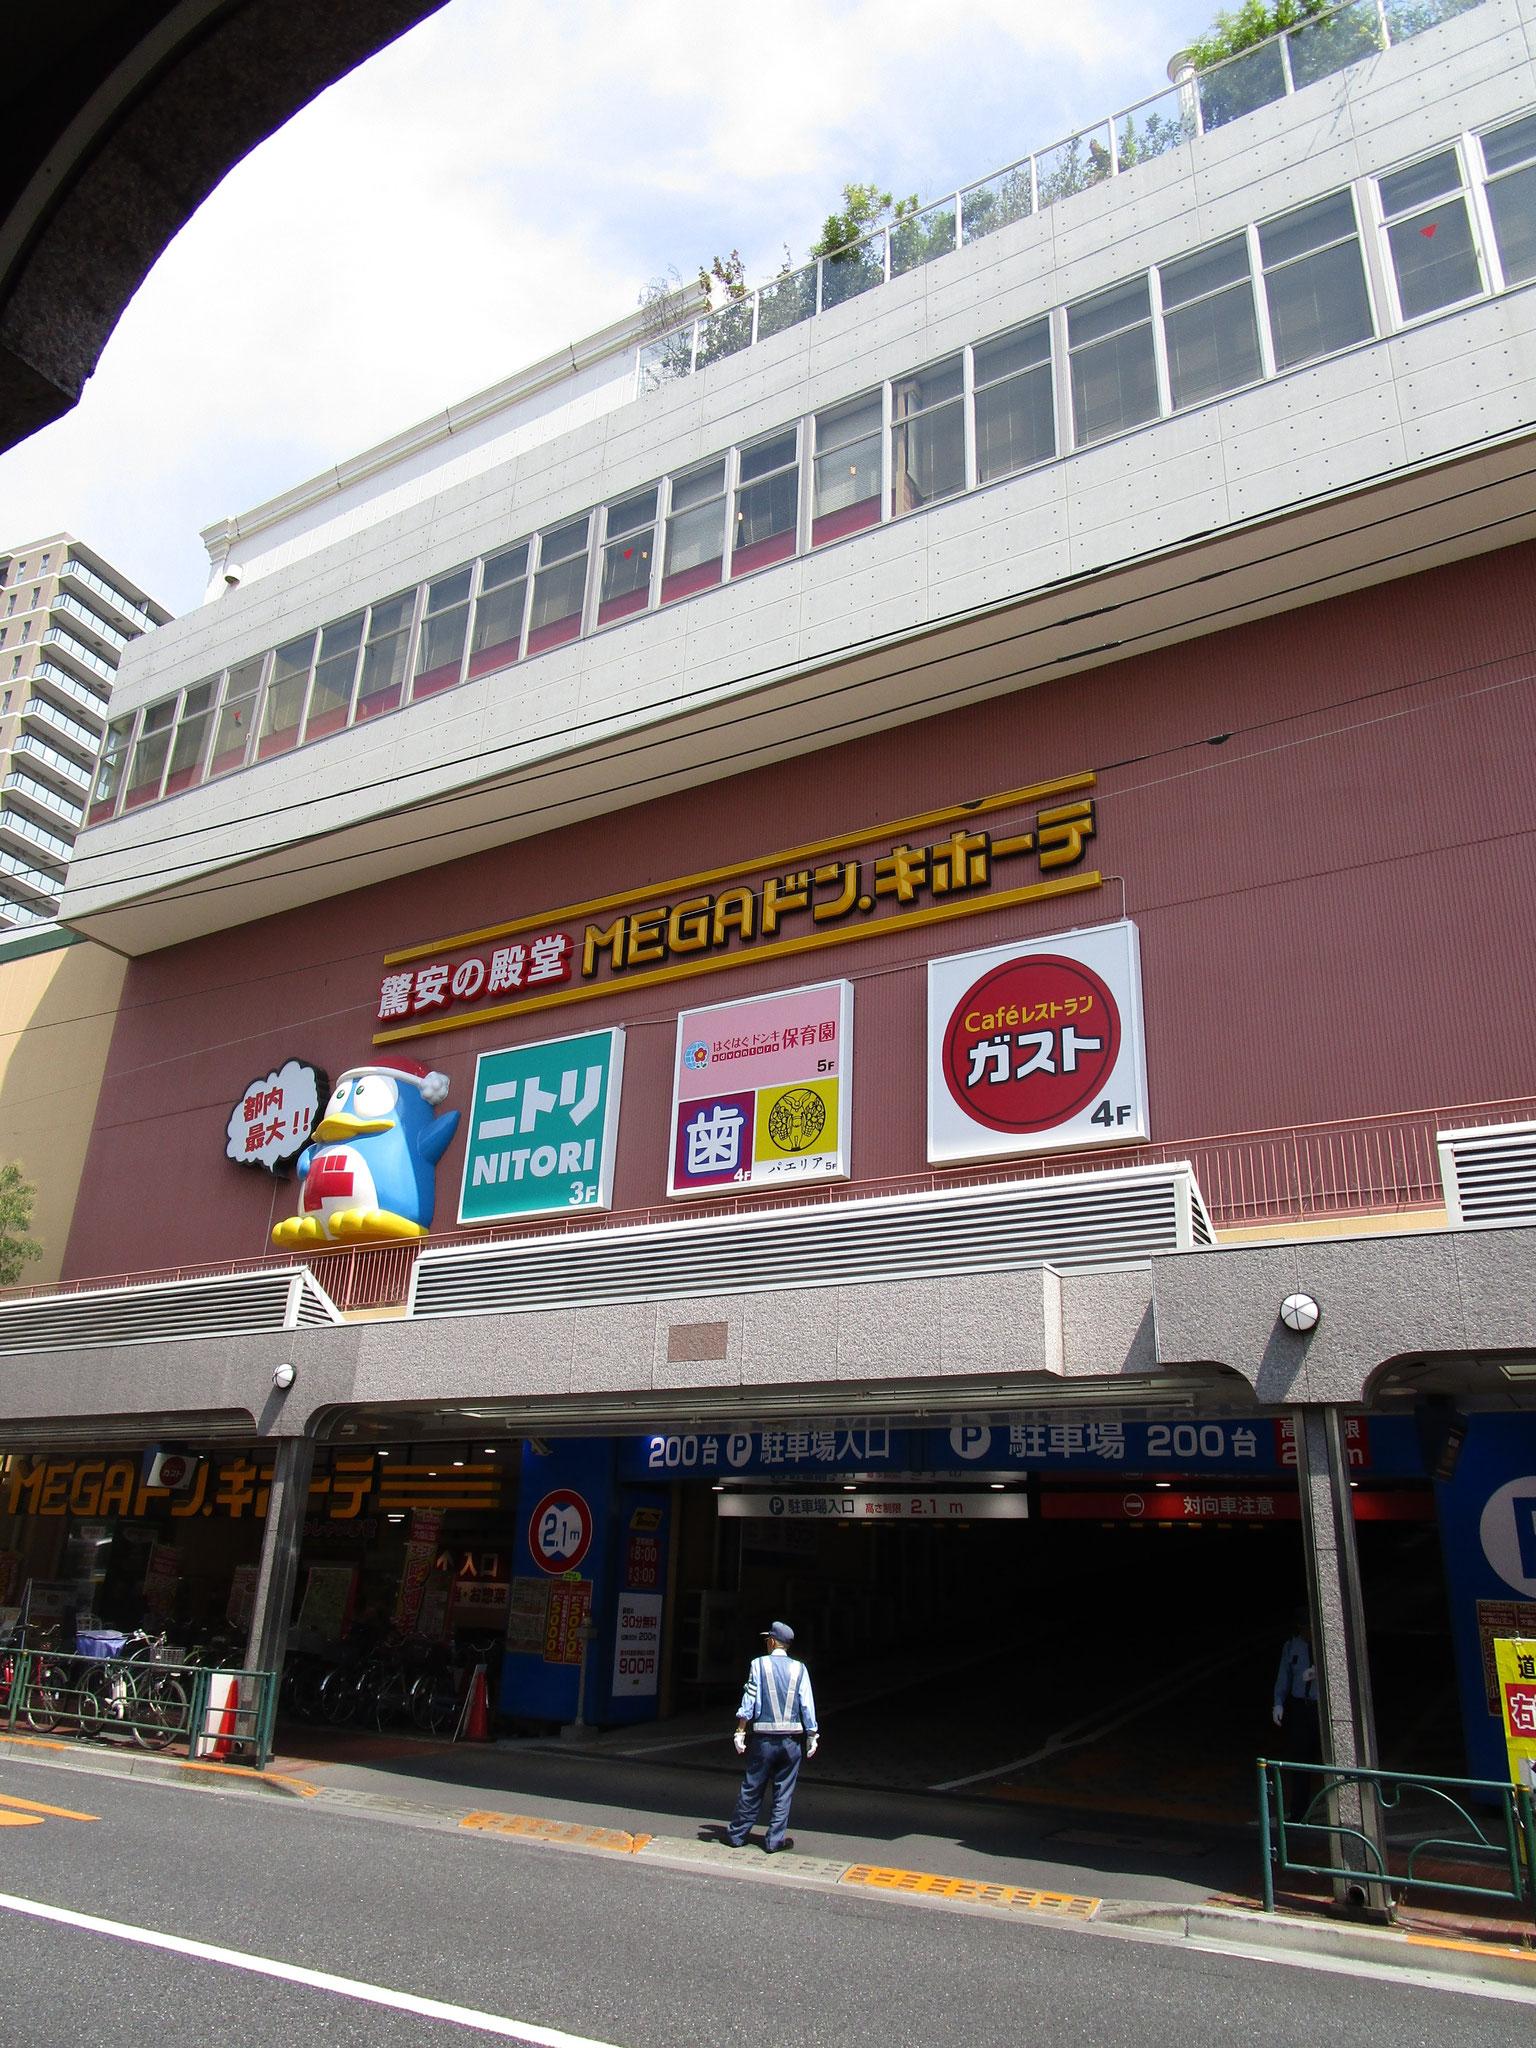 さらに南方向に行くと、大型店舗、「MEGAドンキホーテ」があります